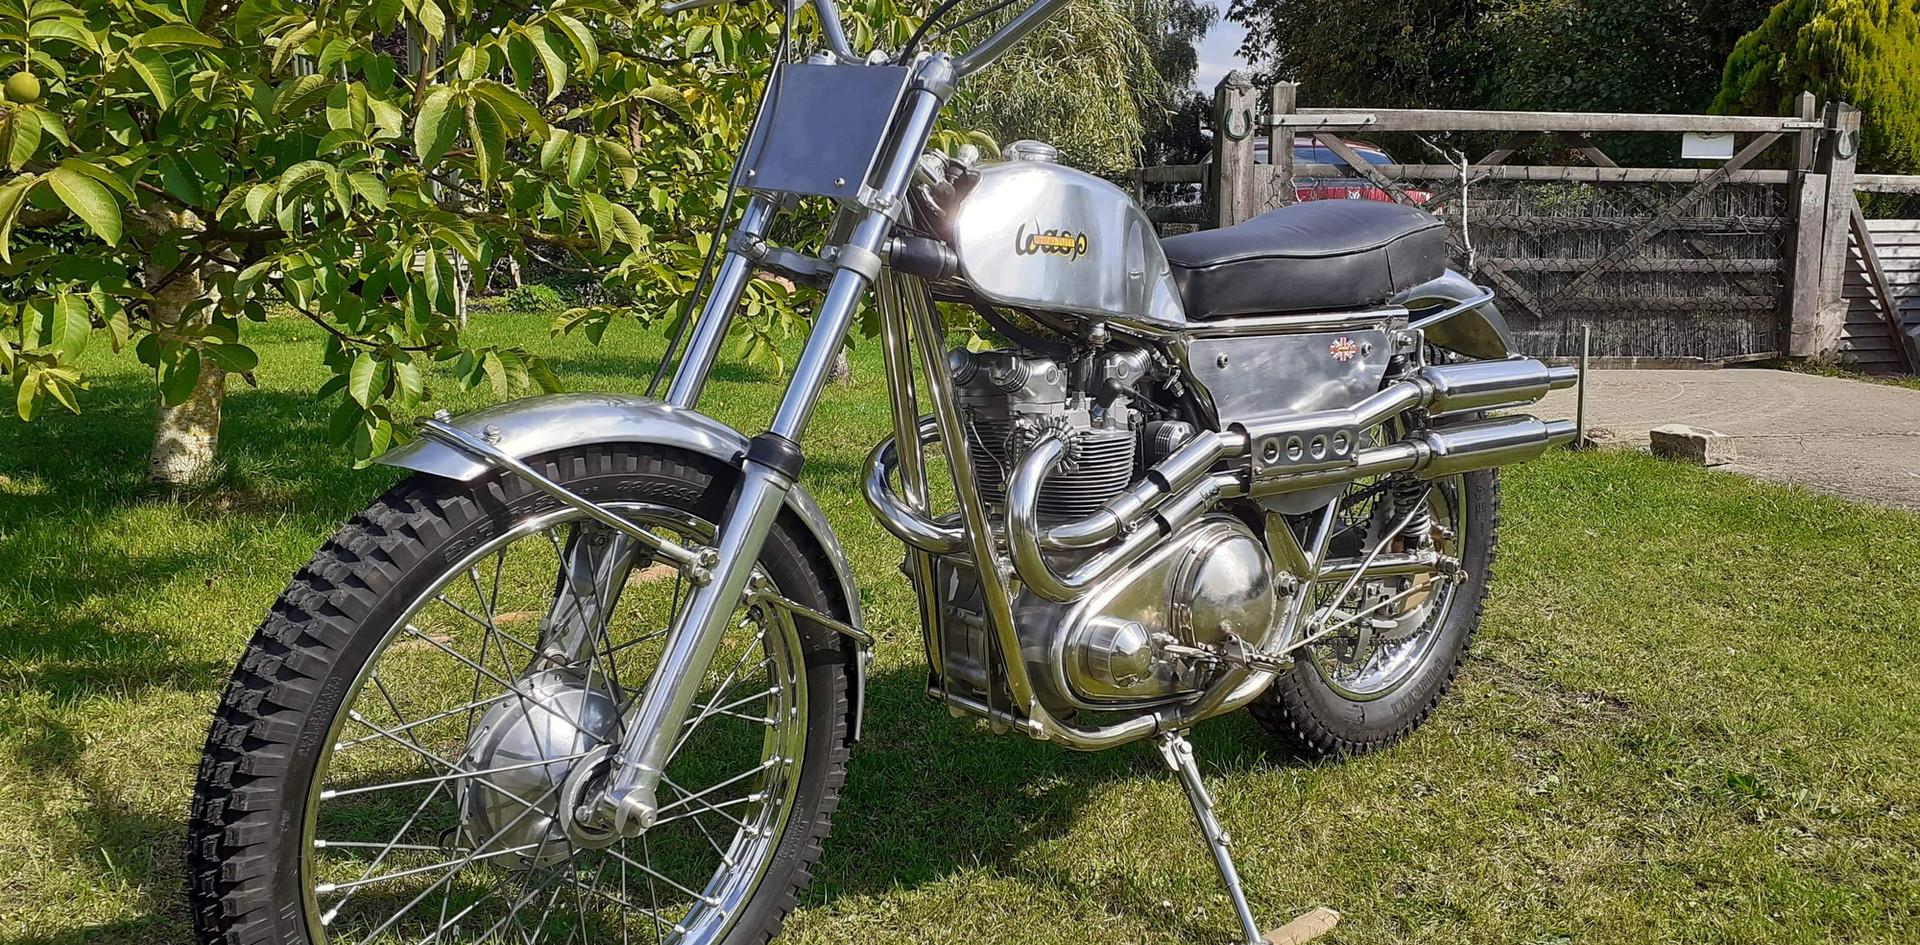 Wasp Motorcycle.JPG